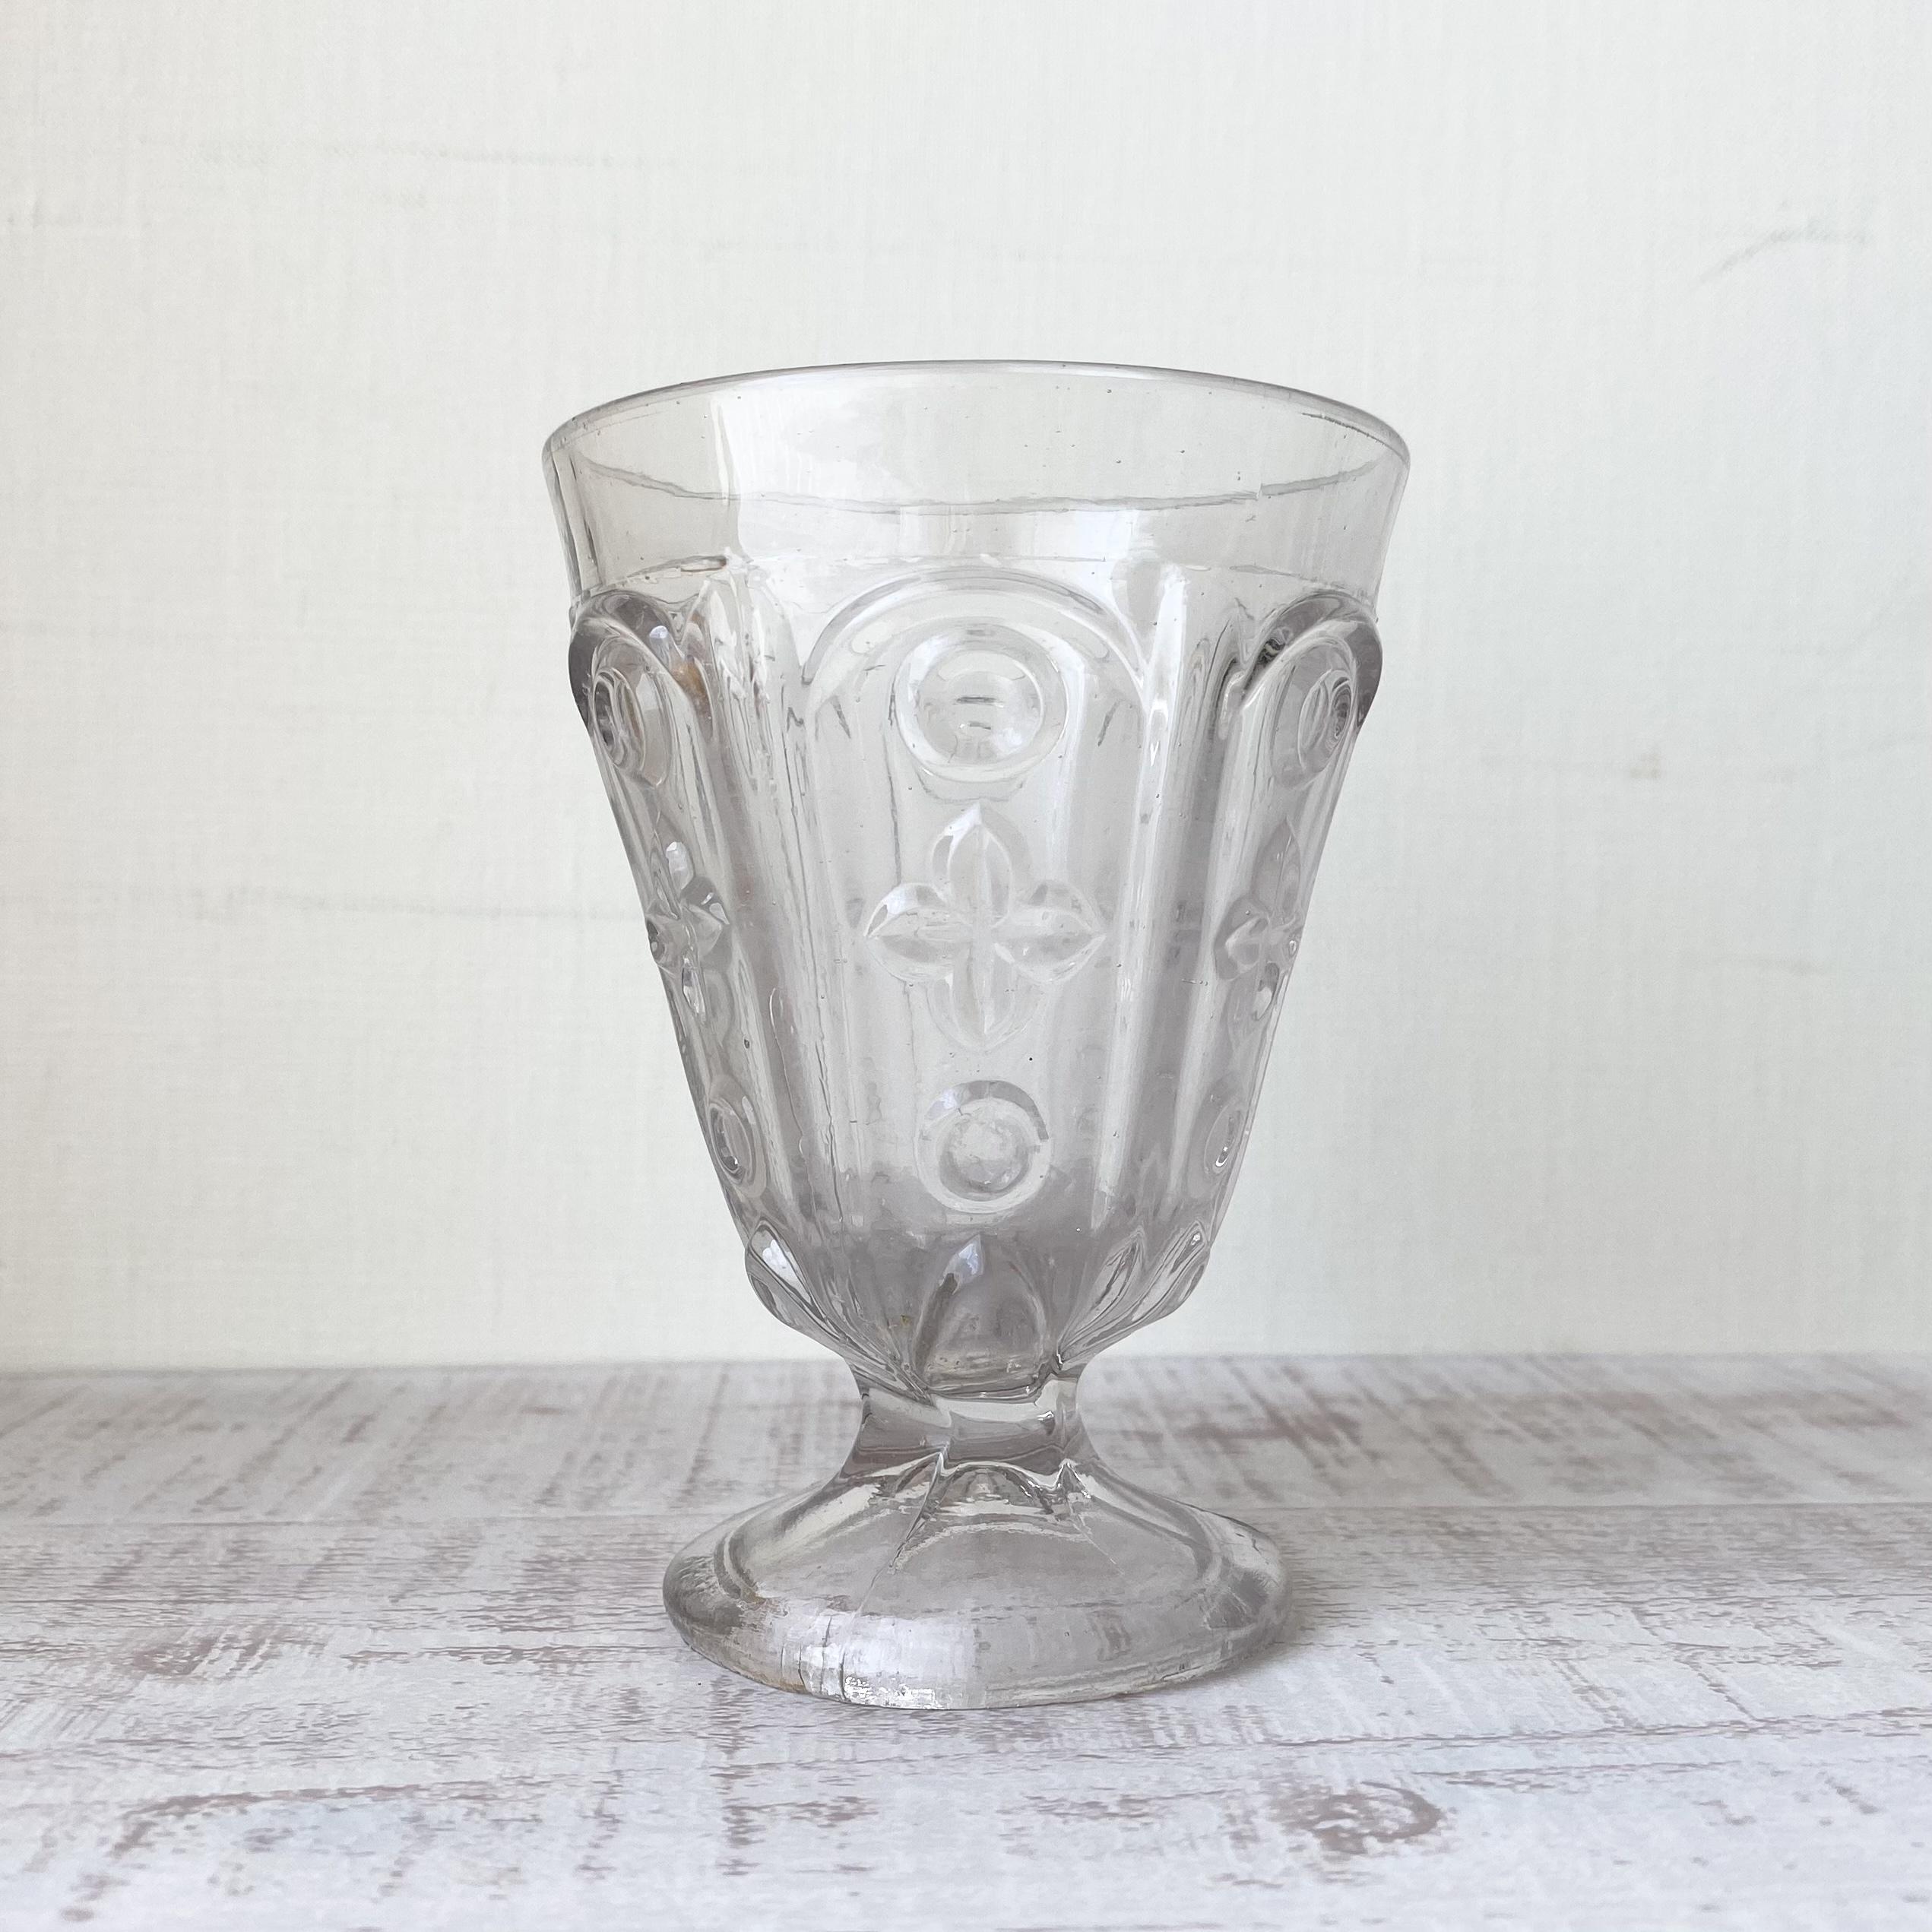 France プレスガラス・ゴブレット a / uv0131